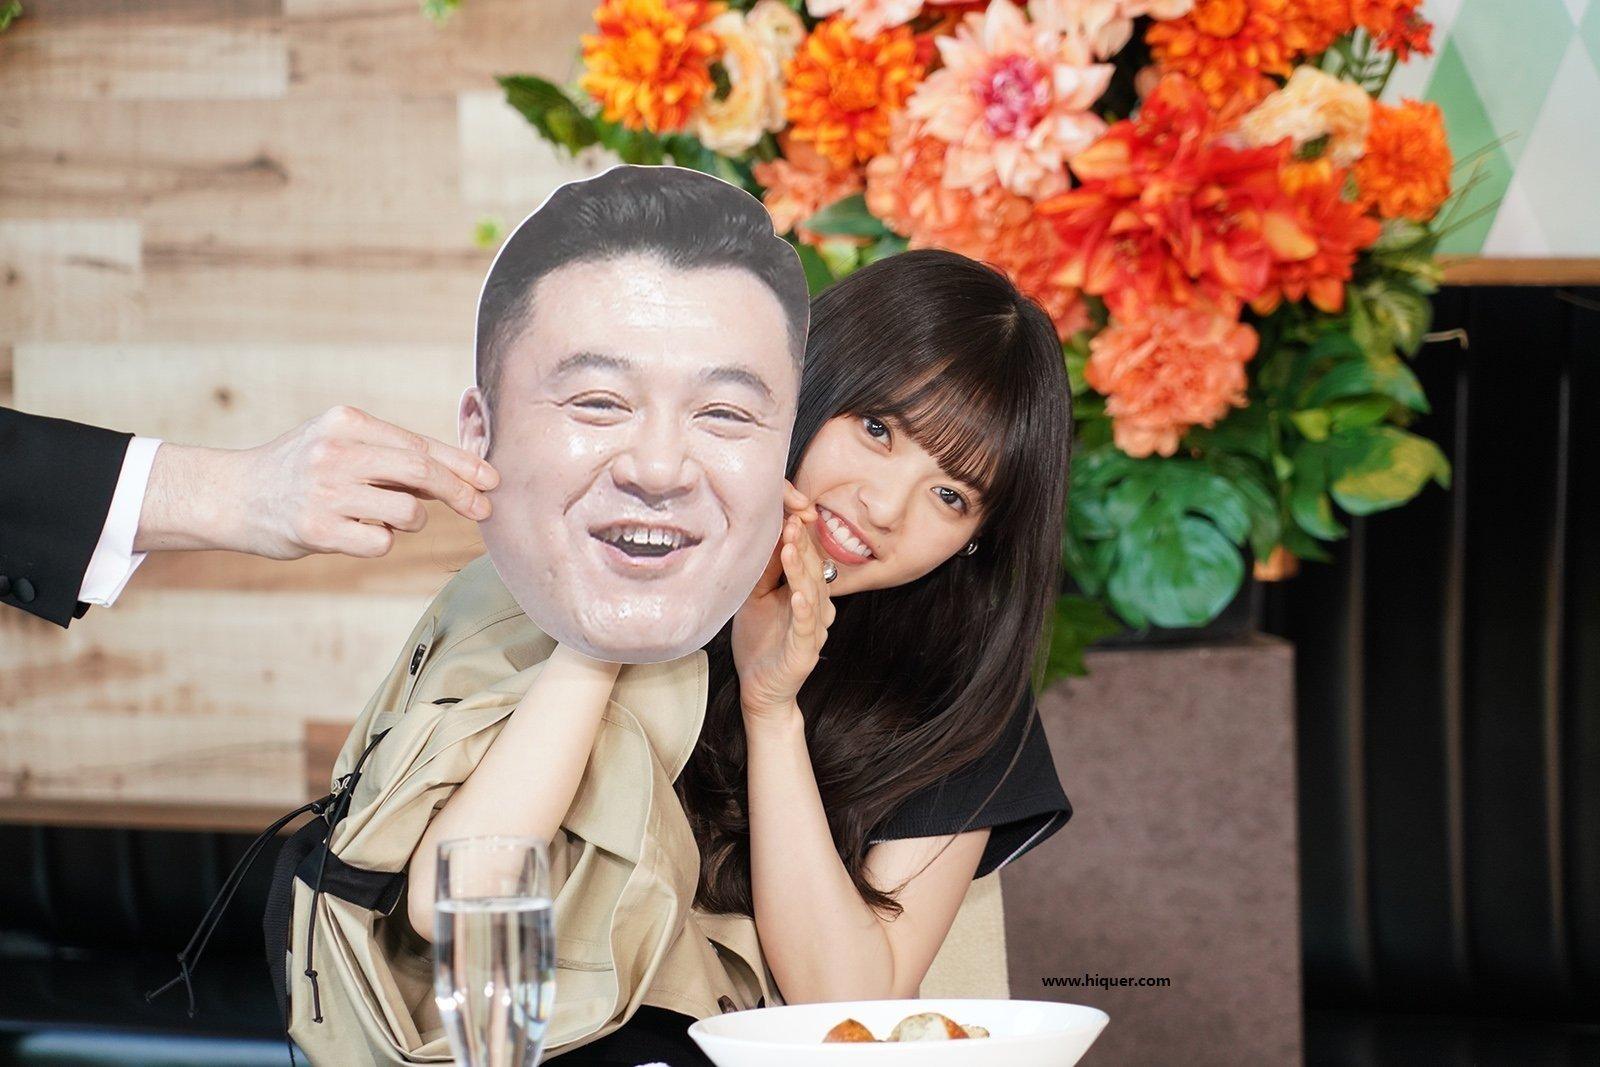 斋藤飞鸟出席美食节目:点餐不手软、表演架子鼓 福利吧 第1张